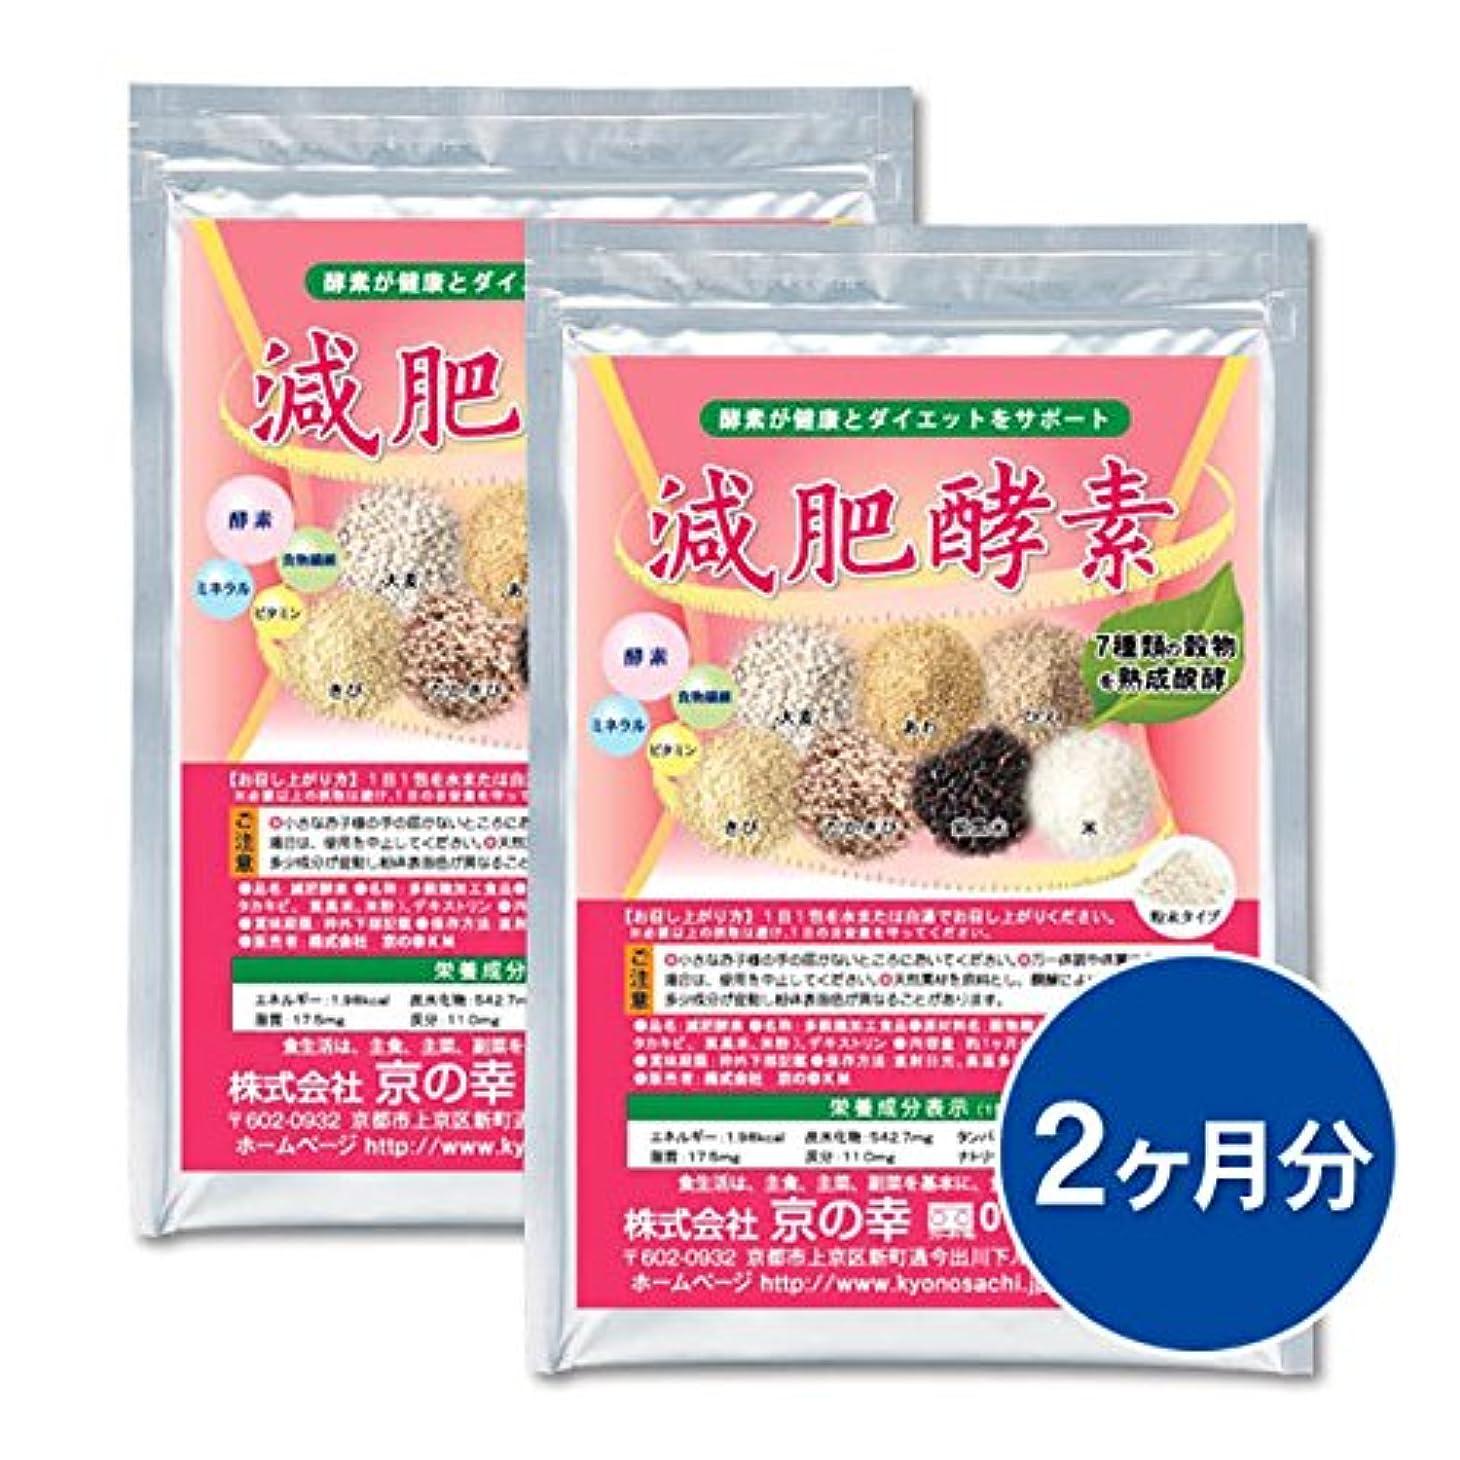 避難する苦痛大統領京の幸 減肥酵素(30包×2)2ヶ月分